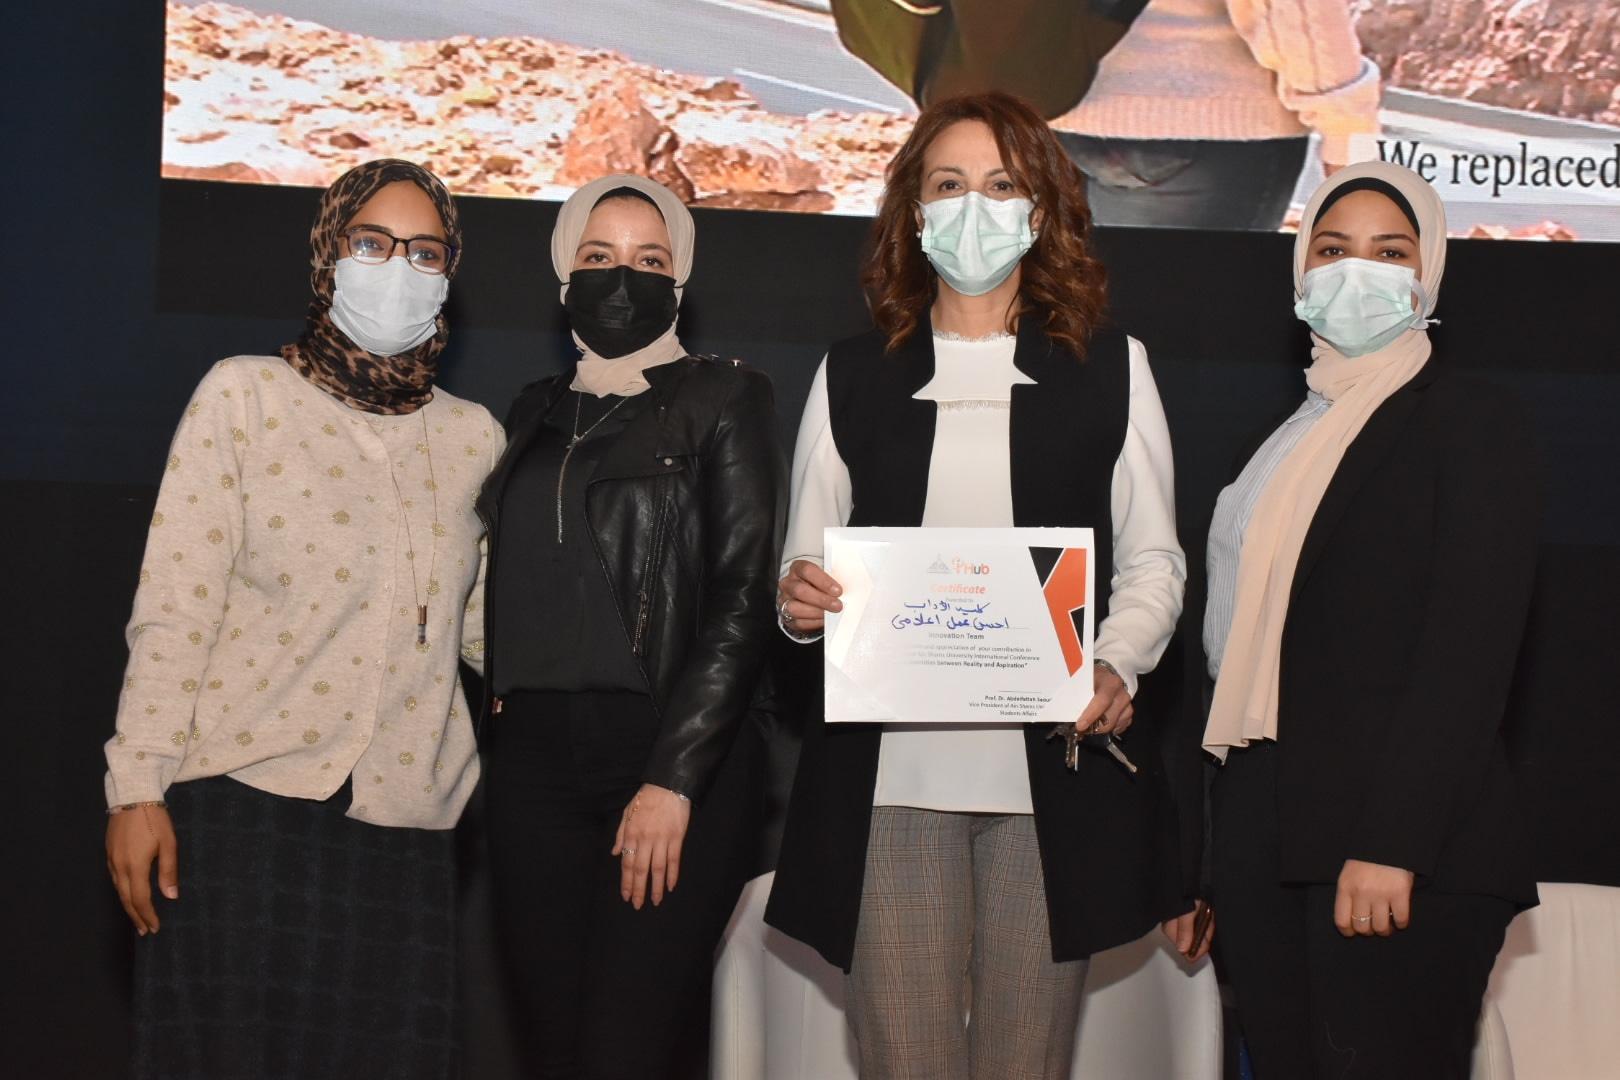 طلاب إعلام عين شمس يحصدون جائزة الإبداع لأفضل إنتاج إعلامي ضمن فاعليات المؤتمر العلمي التاسع للجامعة